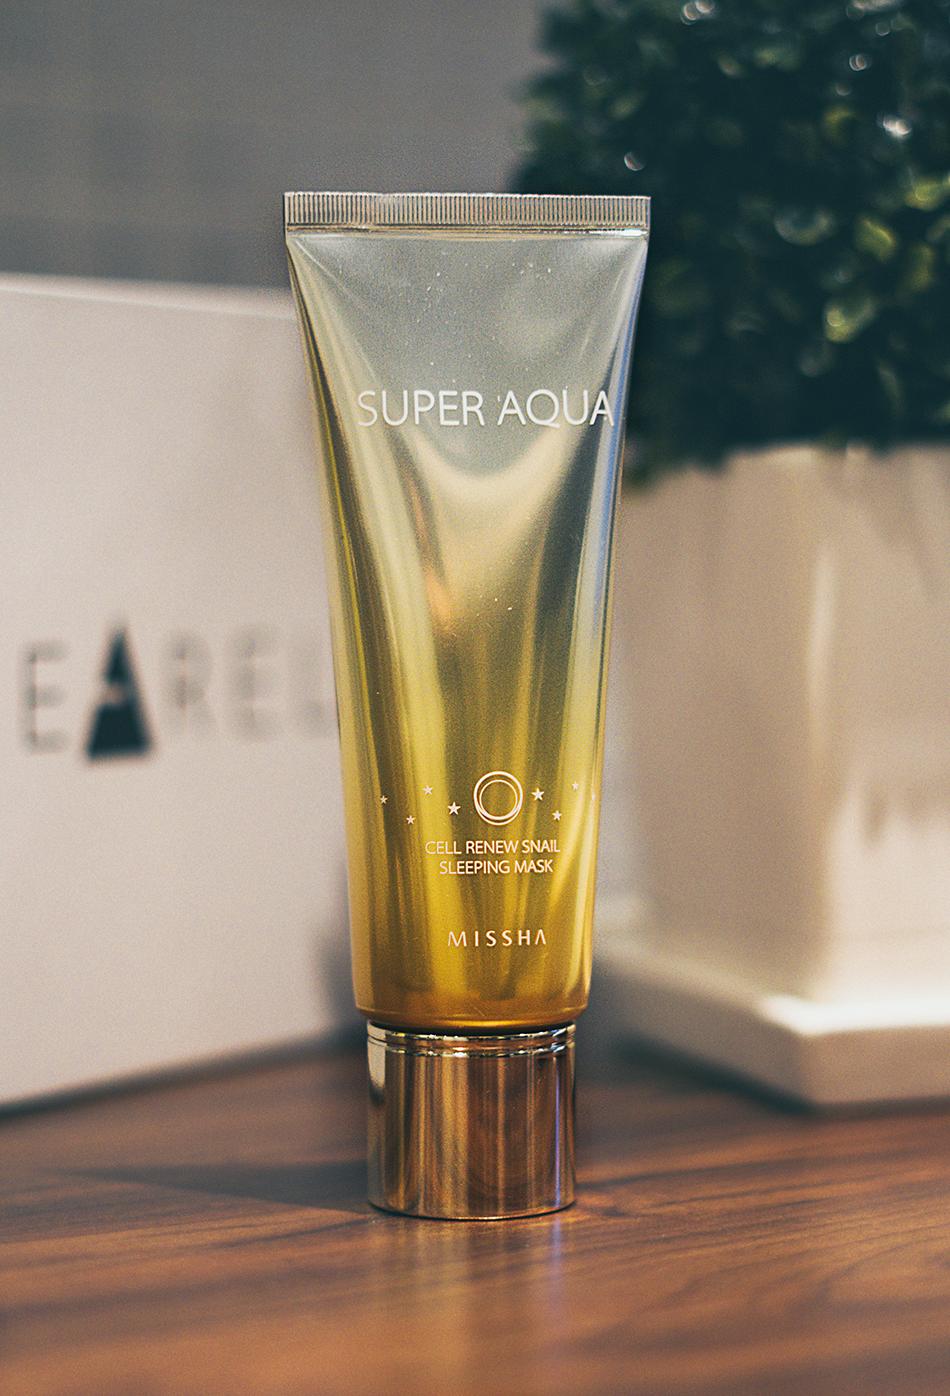 Missha kokemuksia arvostelu super aqua holika holika blogi nettikauppa klairs soothing cream korealainen kosmetiikka